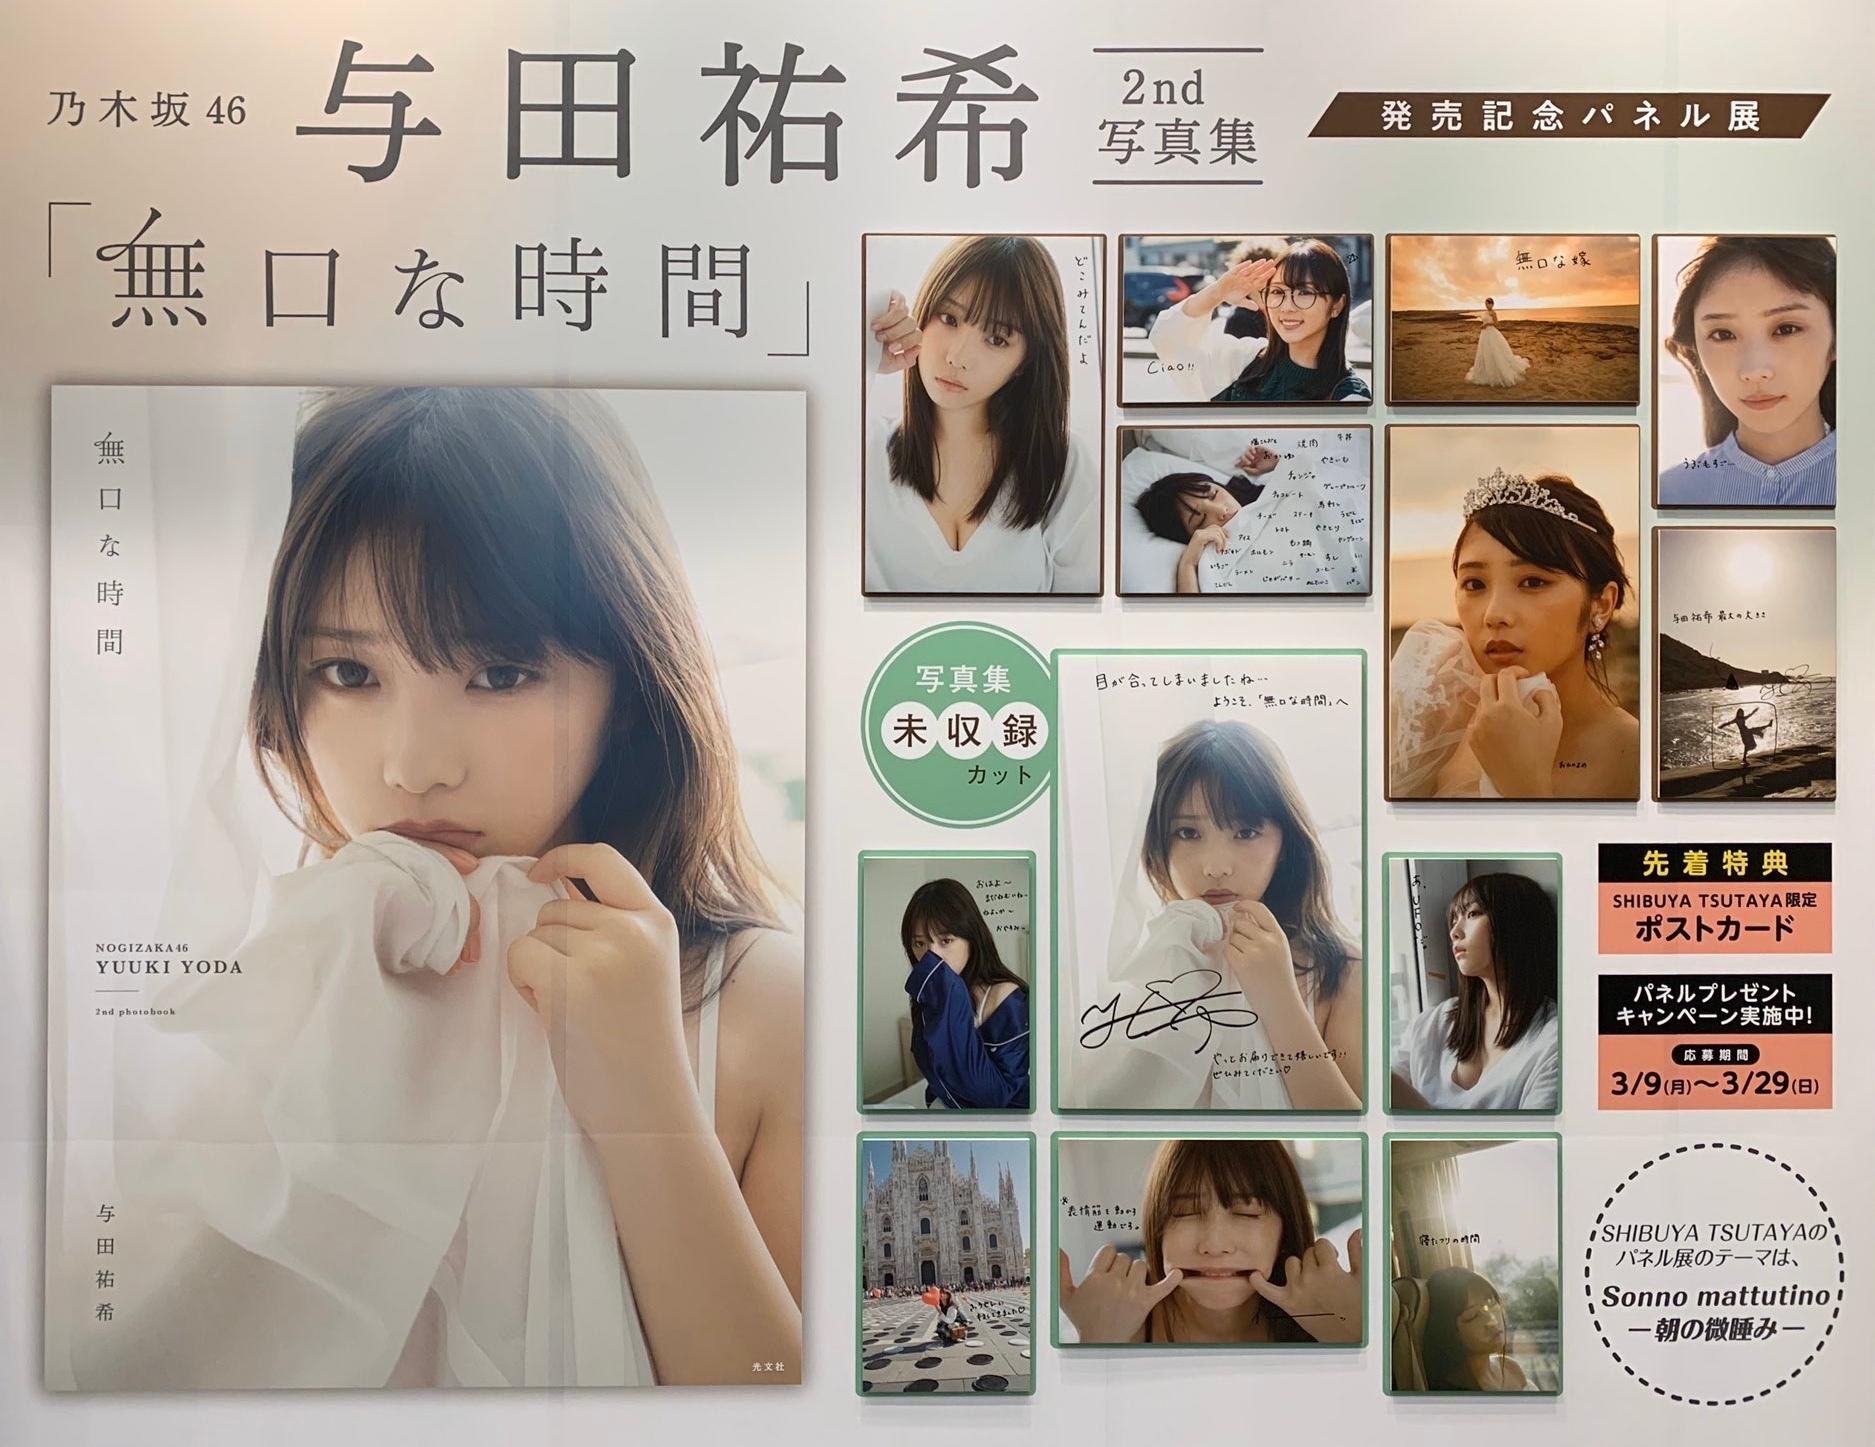 与田祐希写真集『無口な時間』